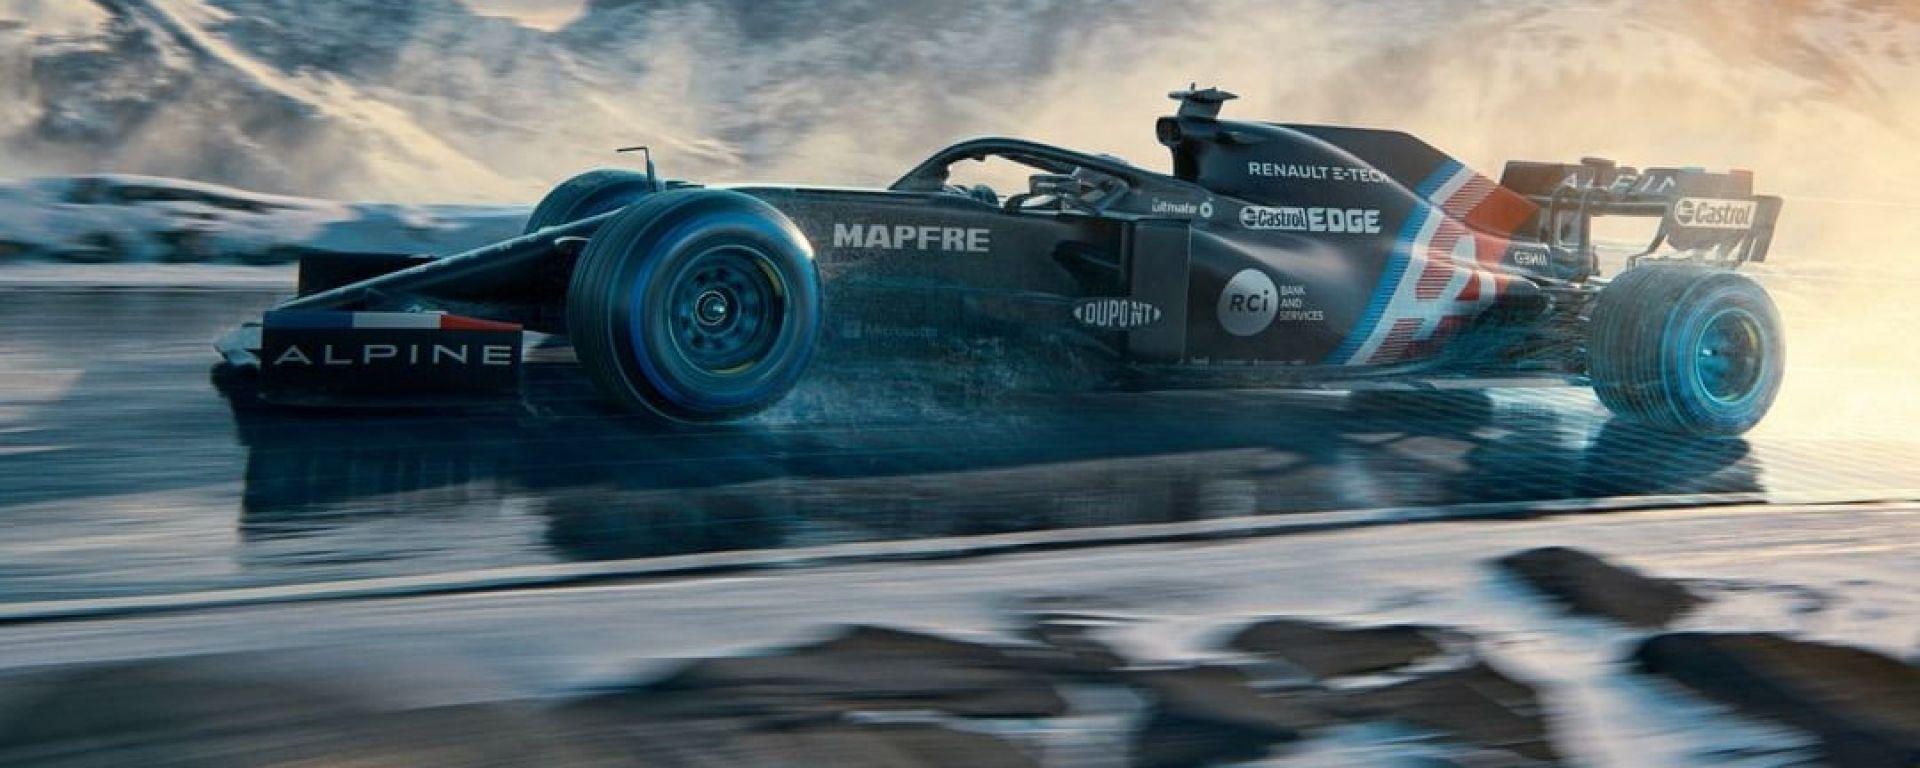 Alpine F1, la livrea provvisoria della monoposto 2021